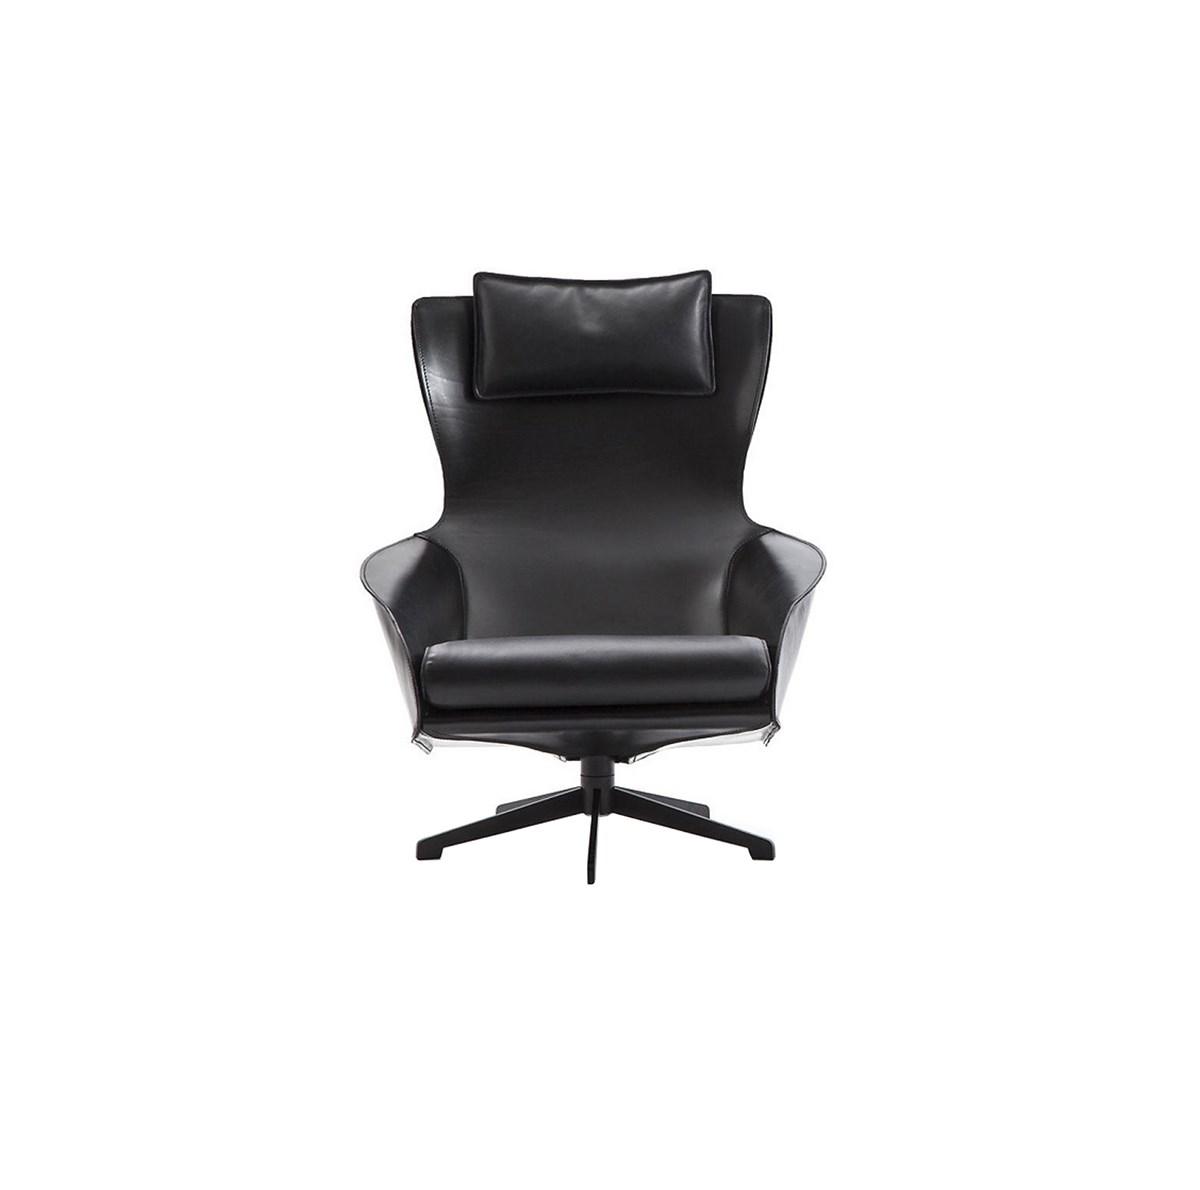 Cassina-Mario-Bellini-Cab-Lounge-Armchair-Matisse-1